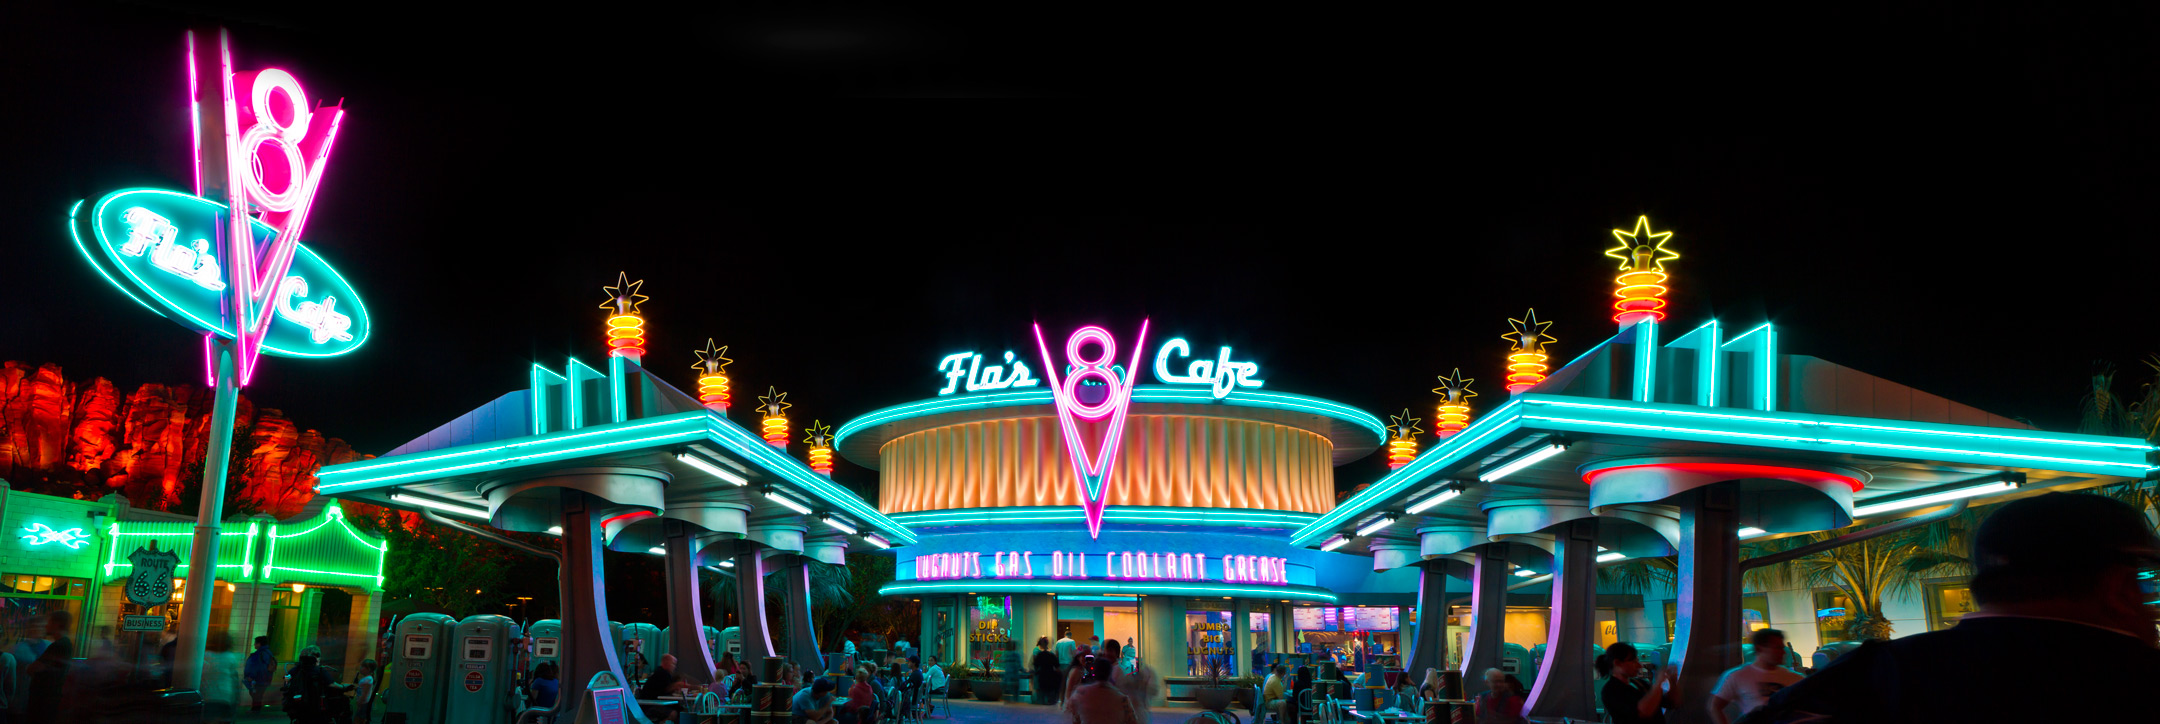 Flos-Cafe.jpg